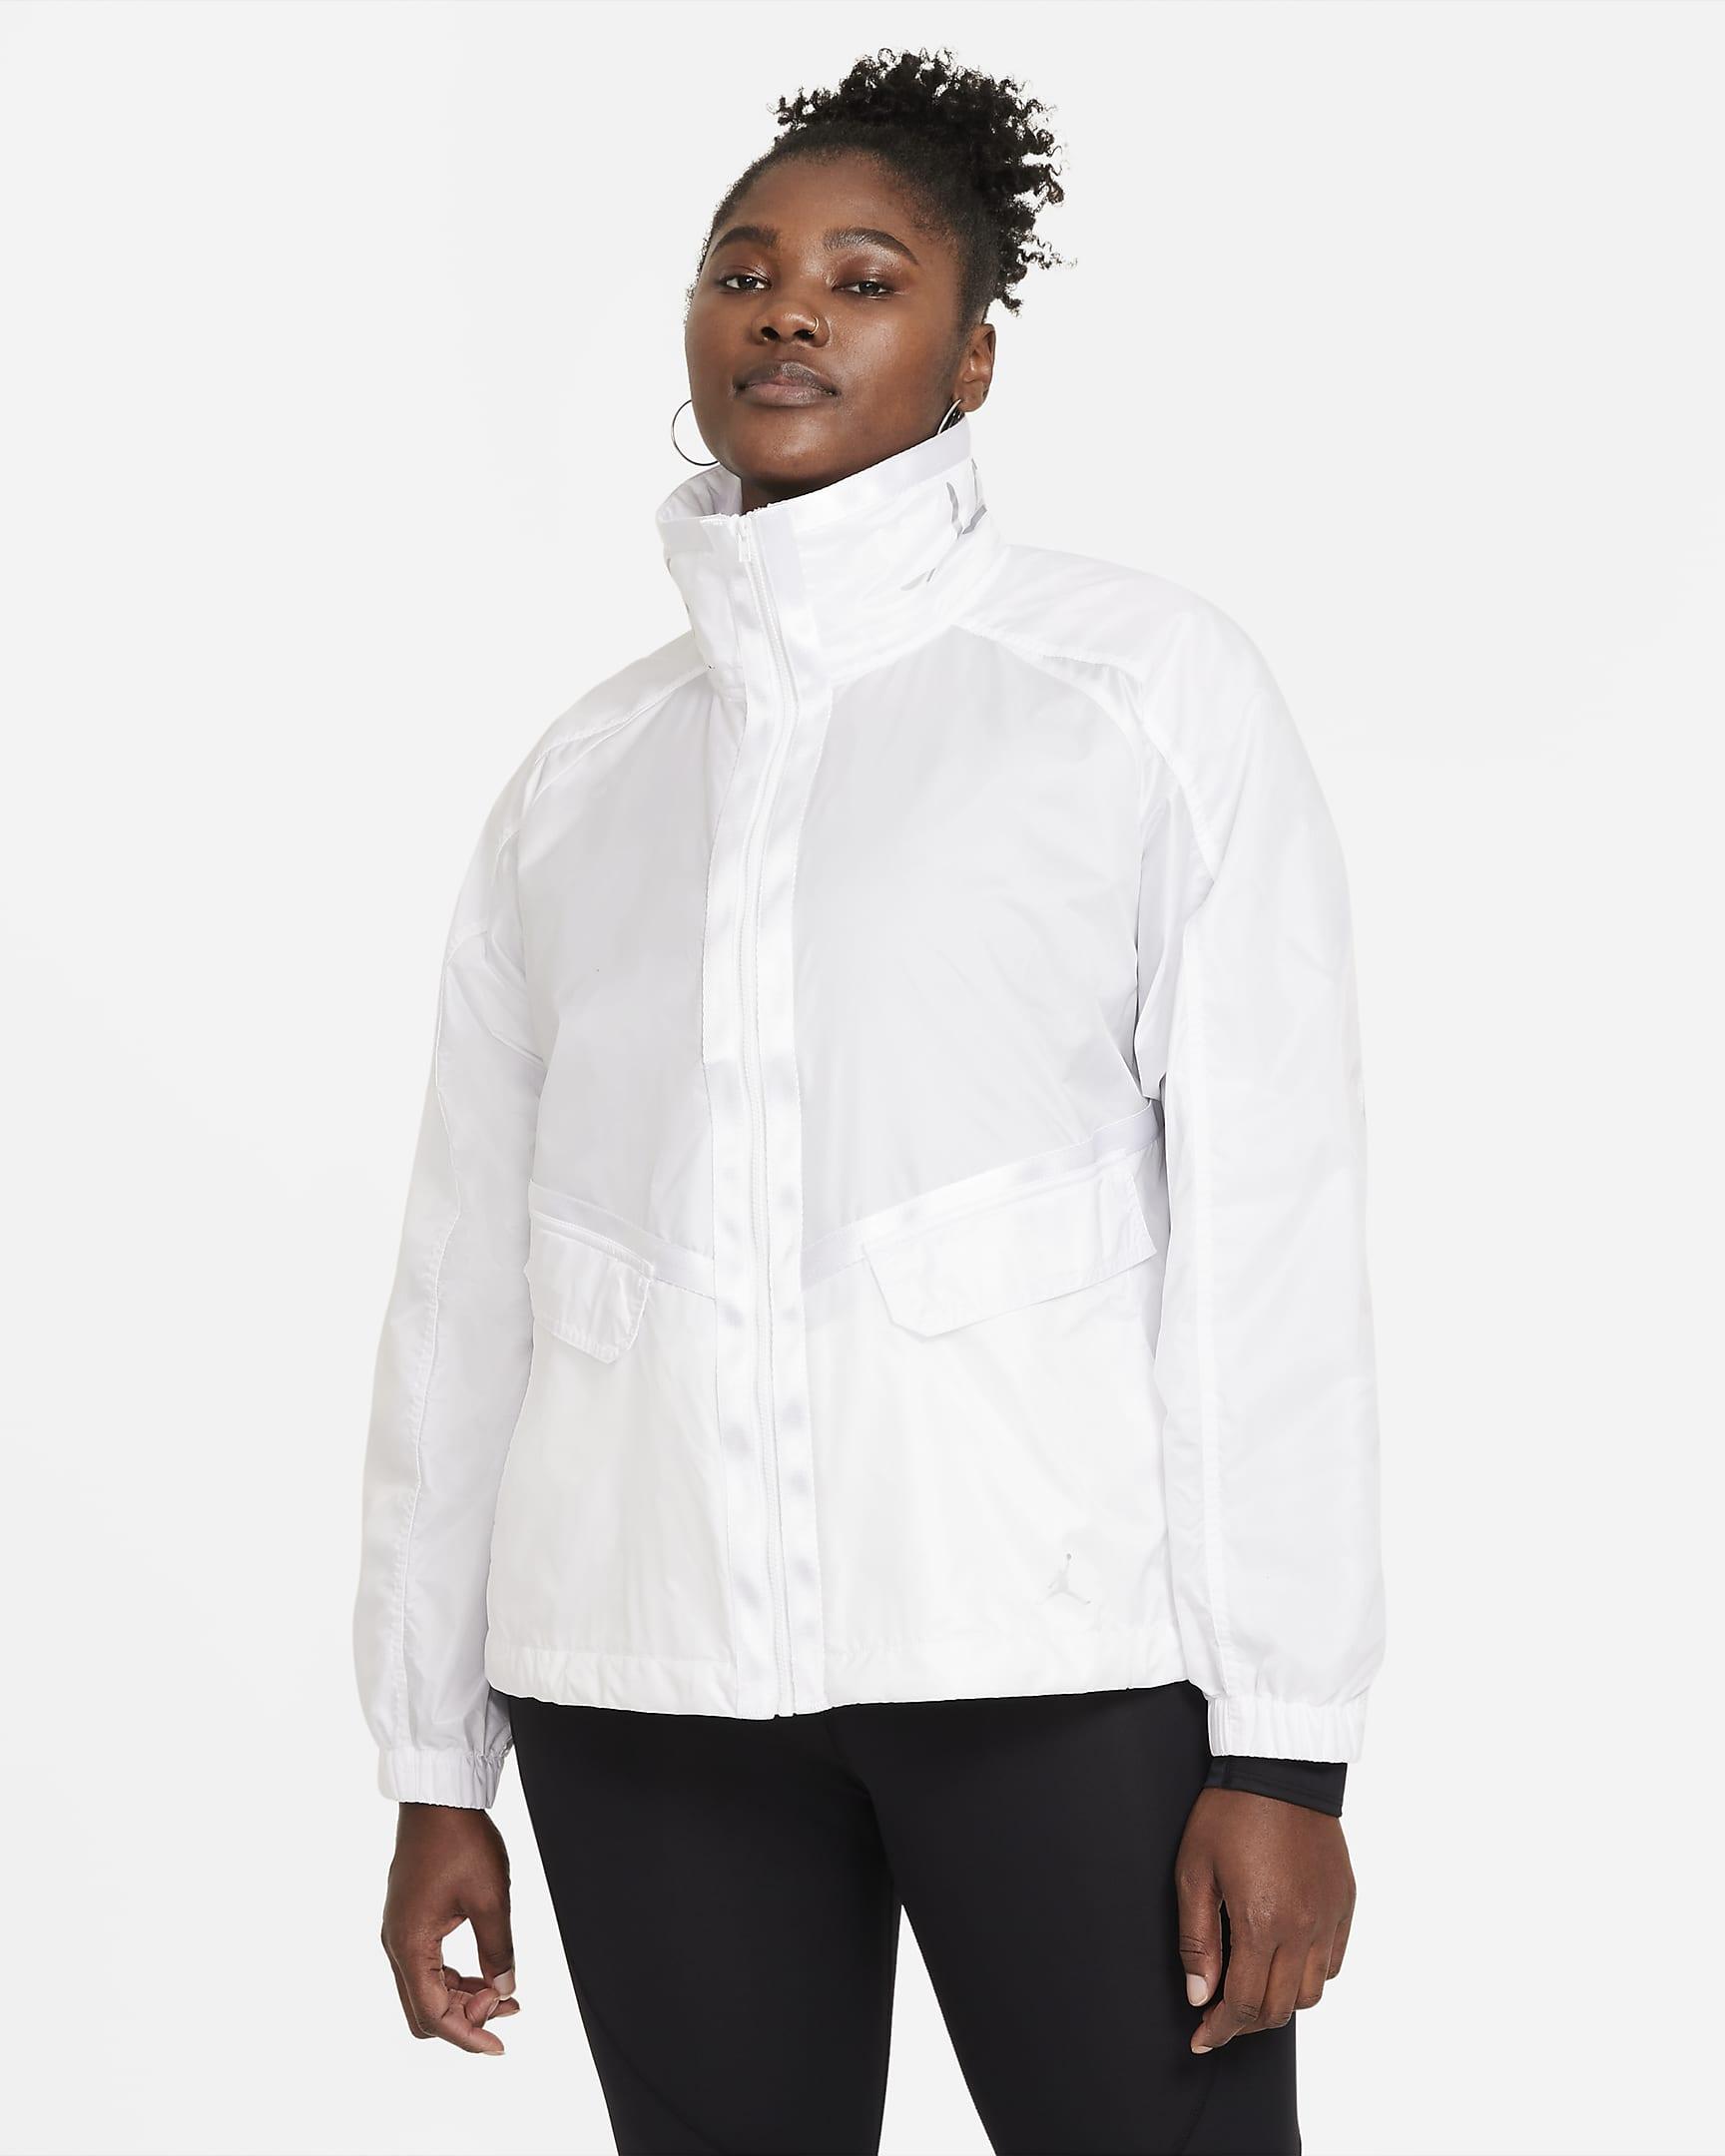 jordan-future-primal-womens-lightweight-jacket-plus-size-lszf6Q-1